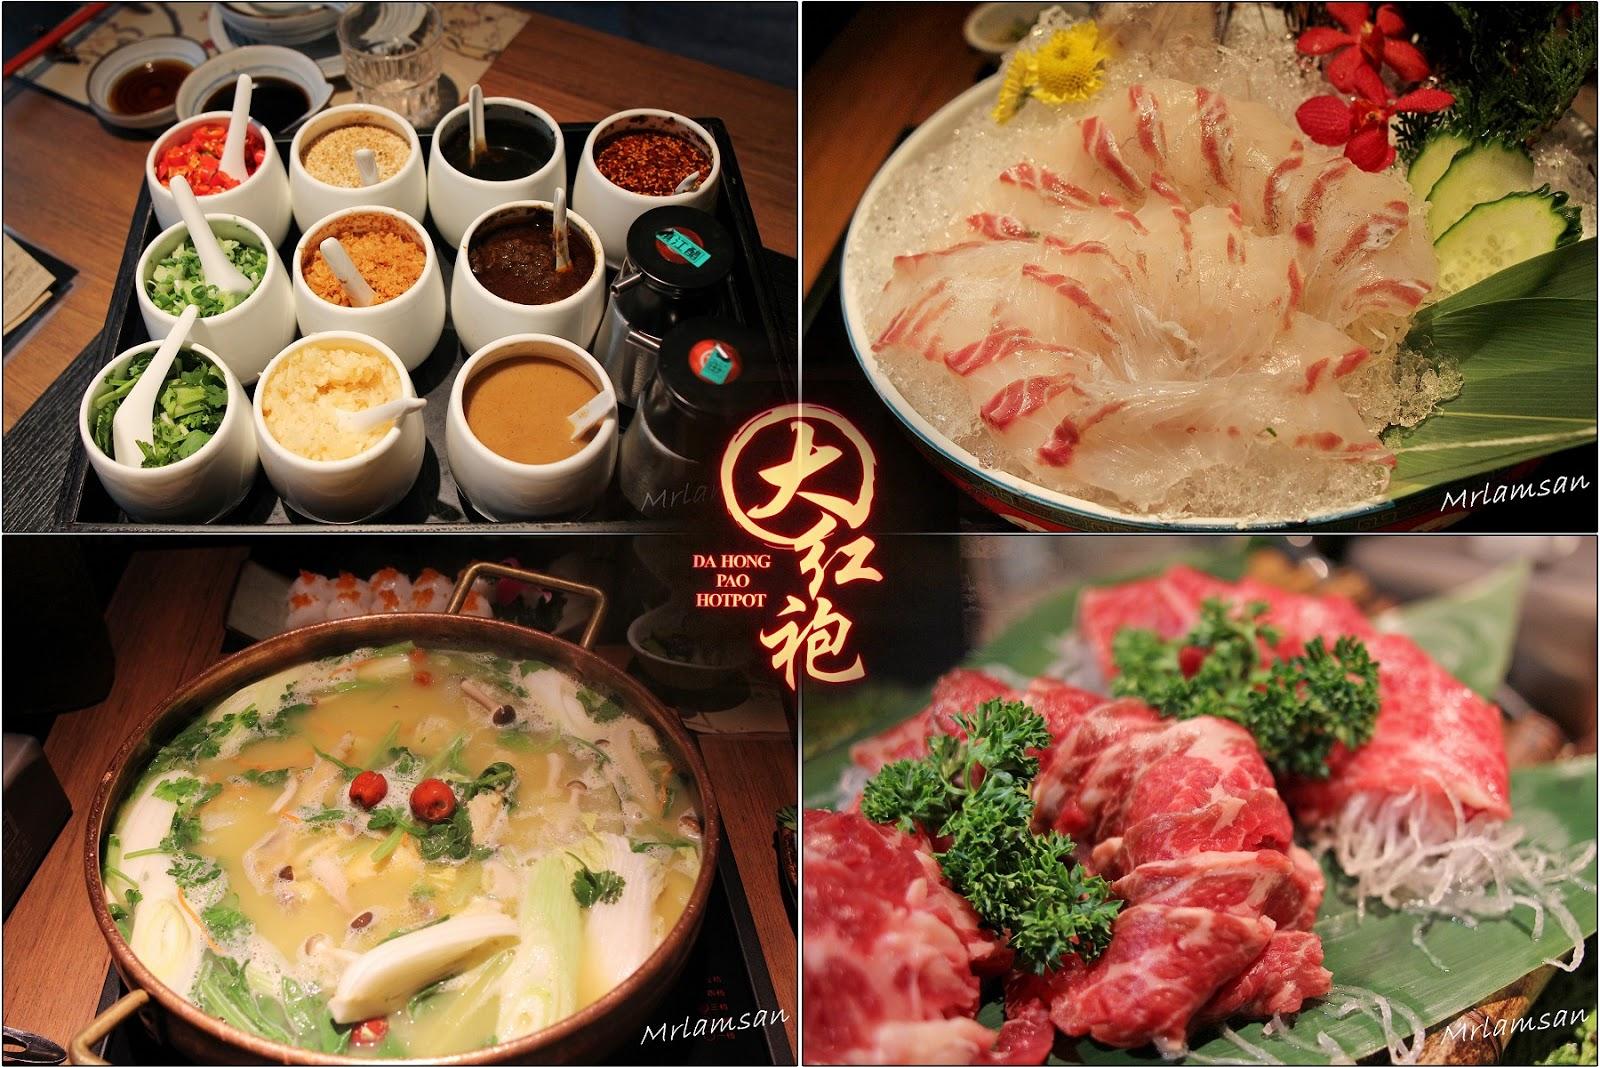 大紅袍火鍋料理 特色湯鍋 料豐湯濃 食盡新鮮出色靚料好滋味 | 林公子遊誌 | 旅遊嘆世界 - fanpiece